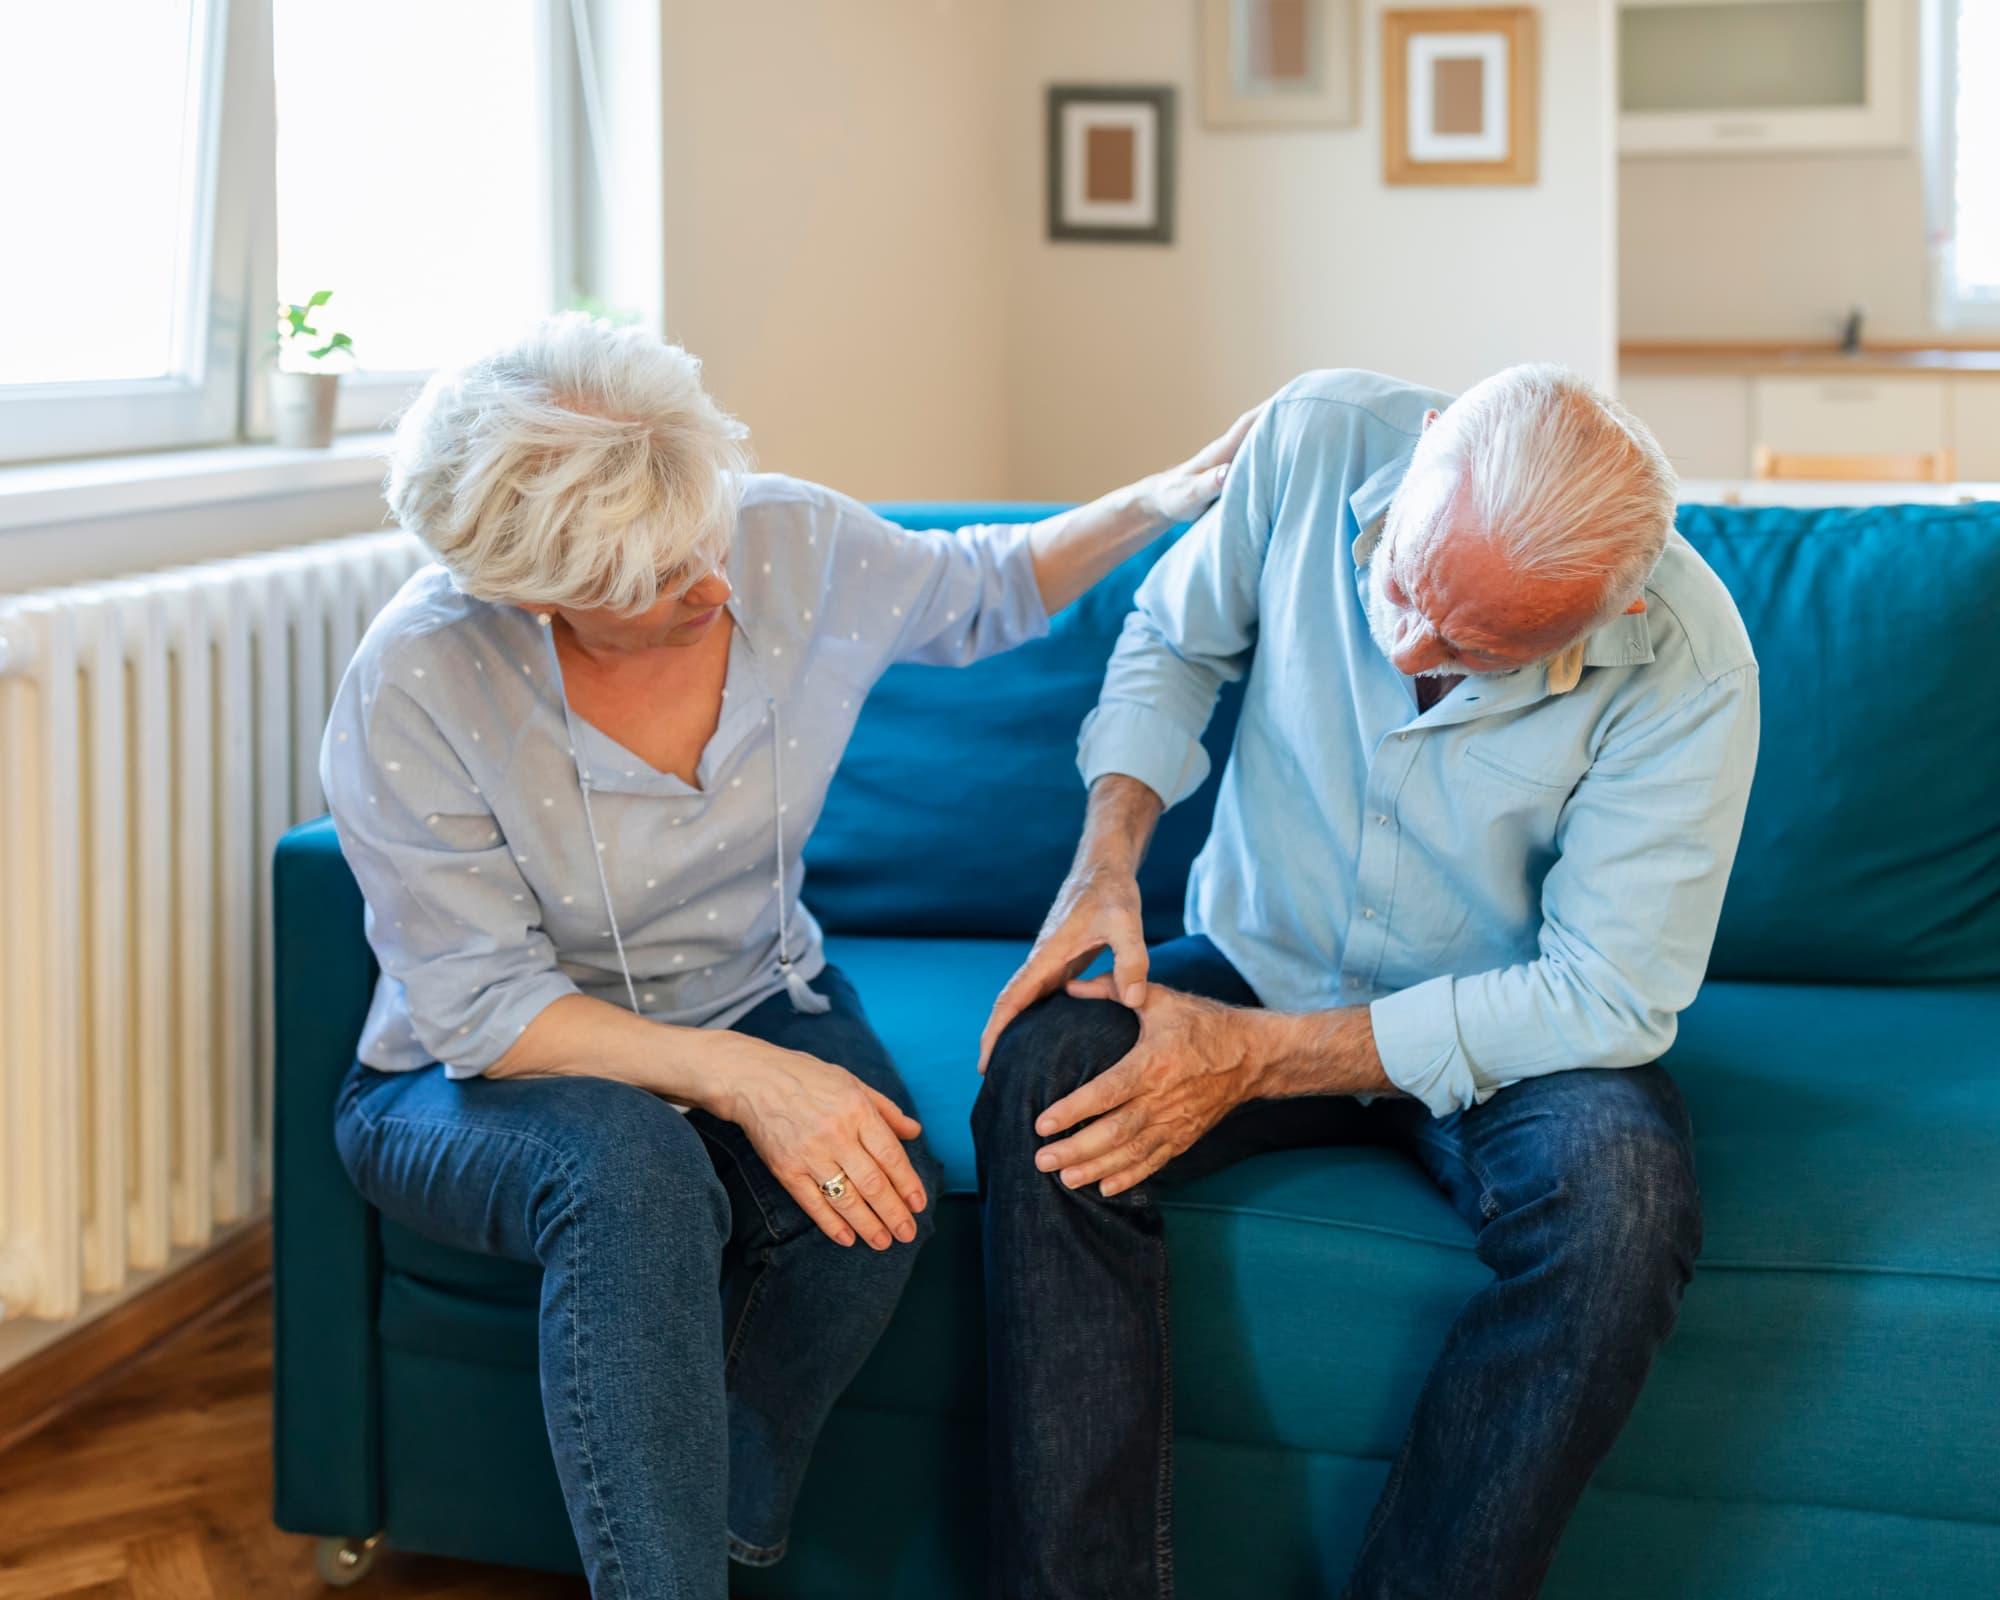 L'arthrose et l'arthrite chez les personnes âgées personne souffrant d'arthrose